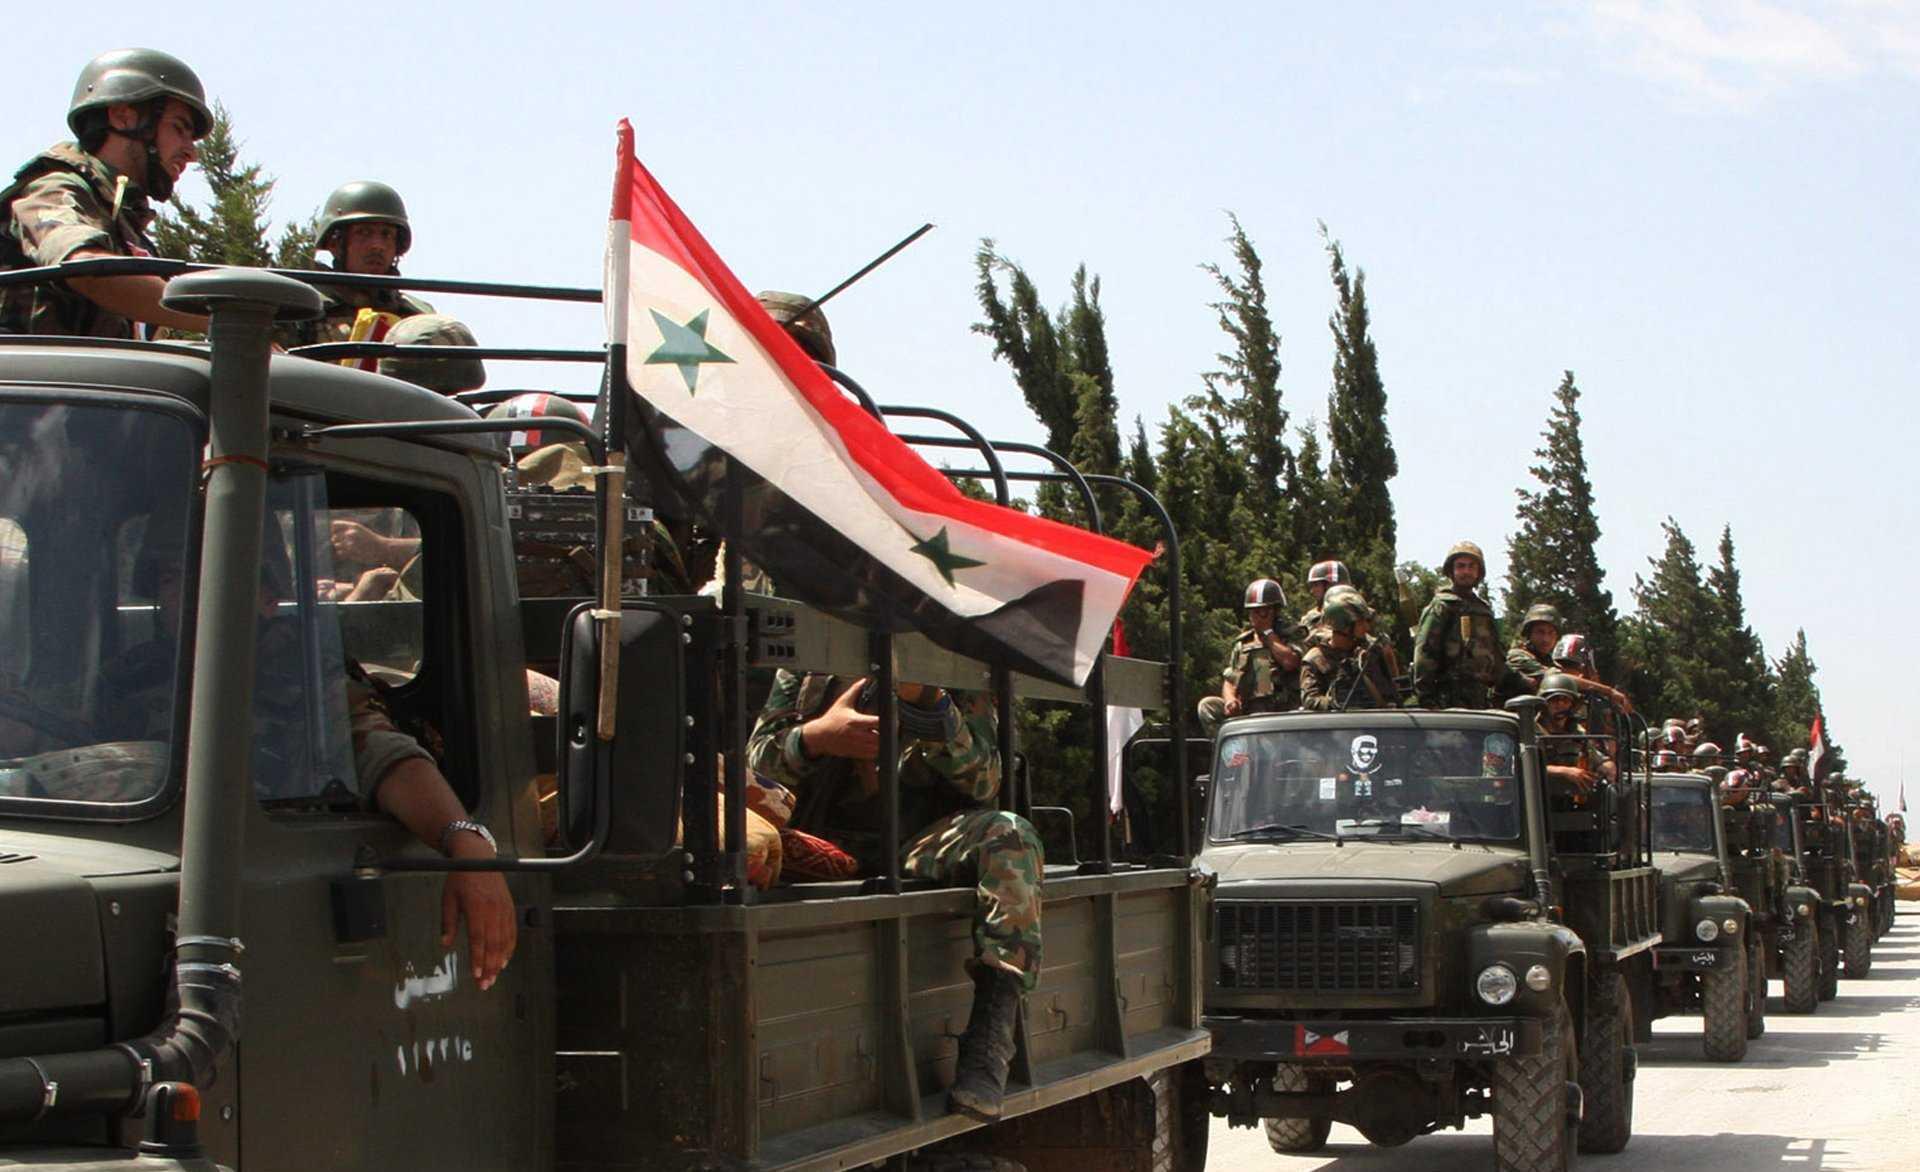 الجيش السوري يعلن وقف العمليات القتالية لمدة 48 ساعة في درعا